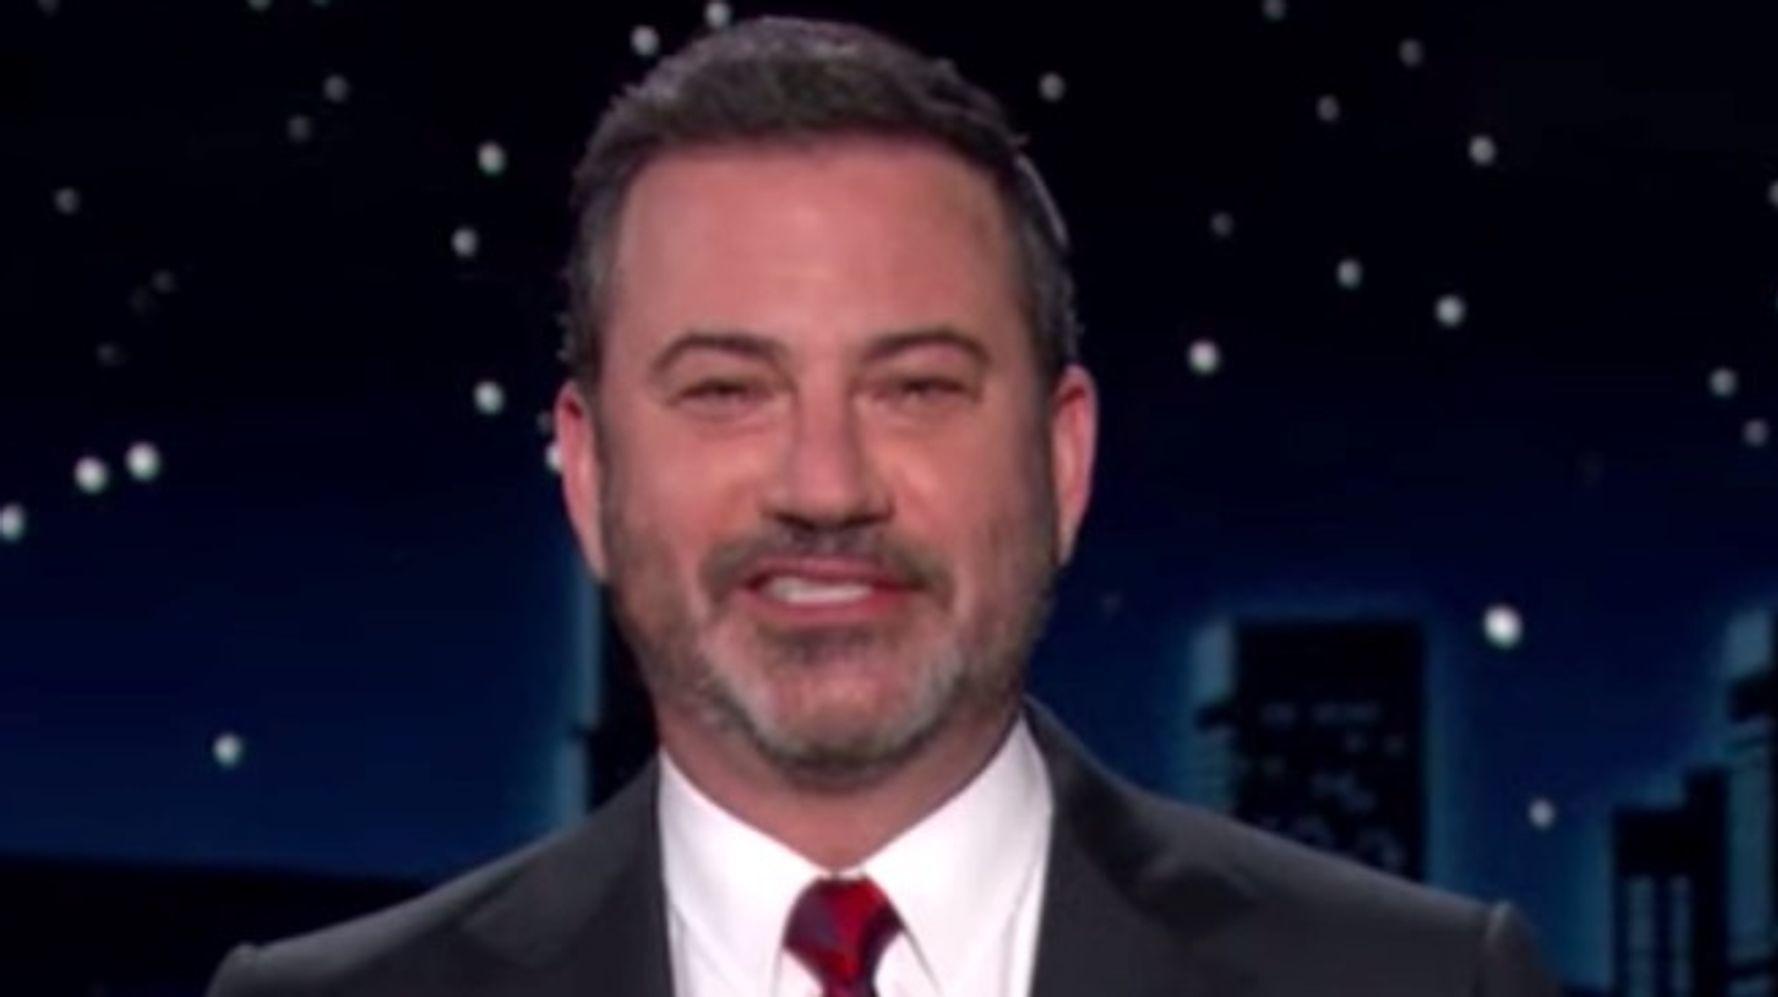 Киммел дает QAnon 'QAnuts' новое пророчество Трампа, которое обязательно должно сбыться